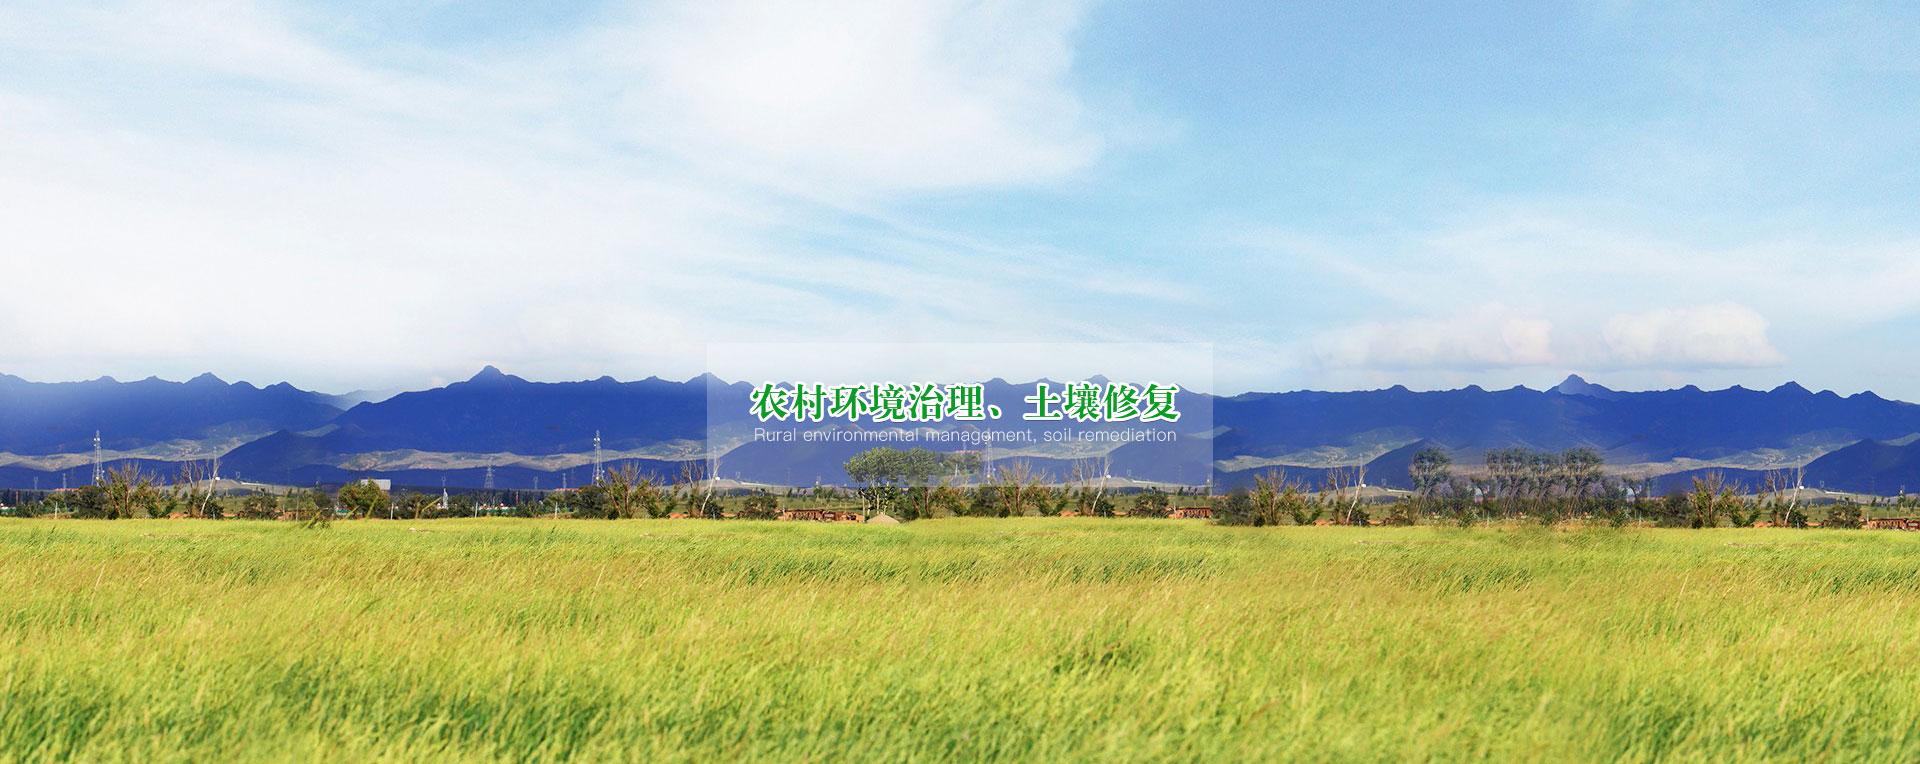 江西隆锦电竞竞博建设有限公司